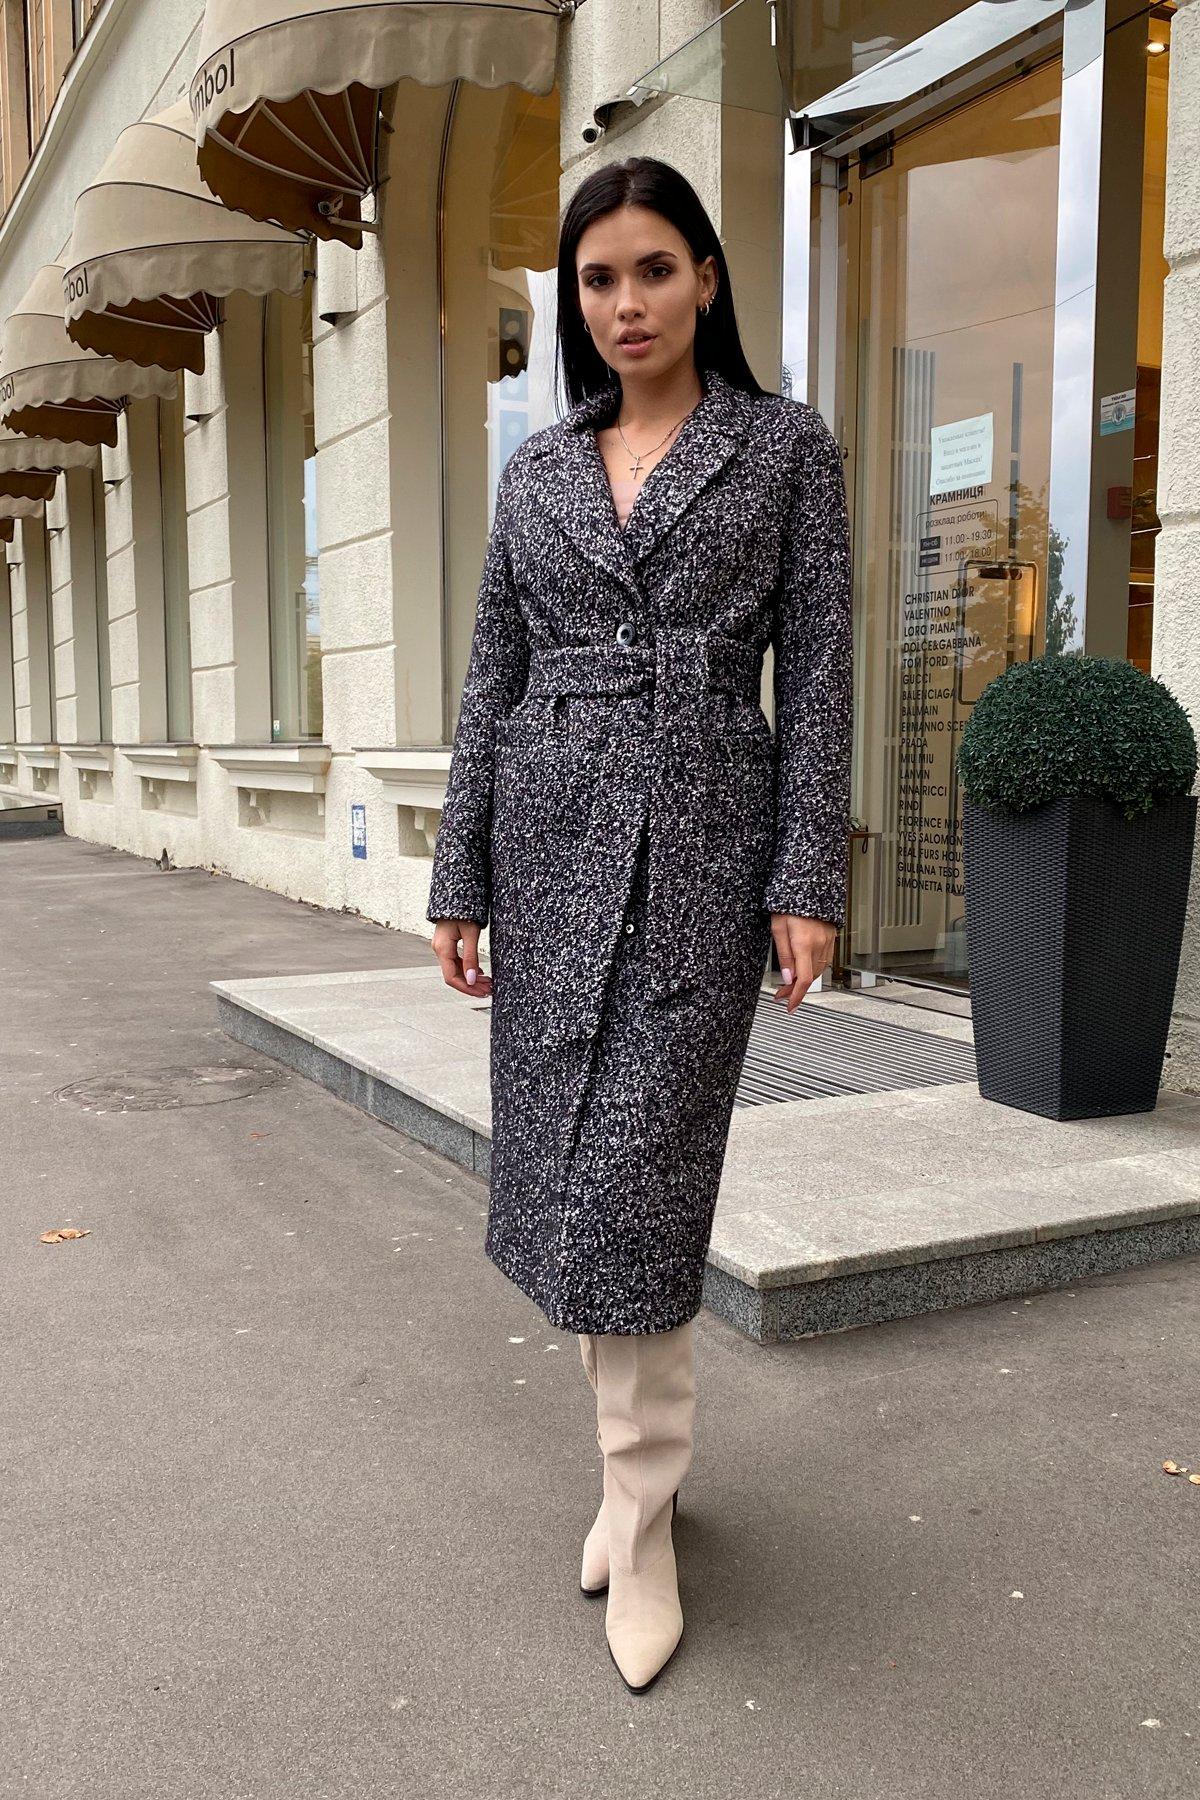 Теплое зимнее пальто буклированная шерсть Вива макси 8349 АРТ. 44517 Цвет: Черный/серый 61 - фото 8, интернет магазин tm-modus.ru